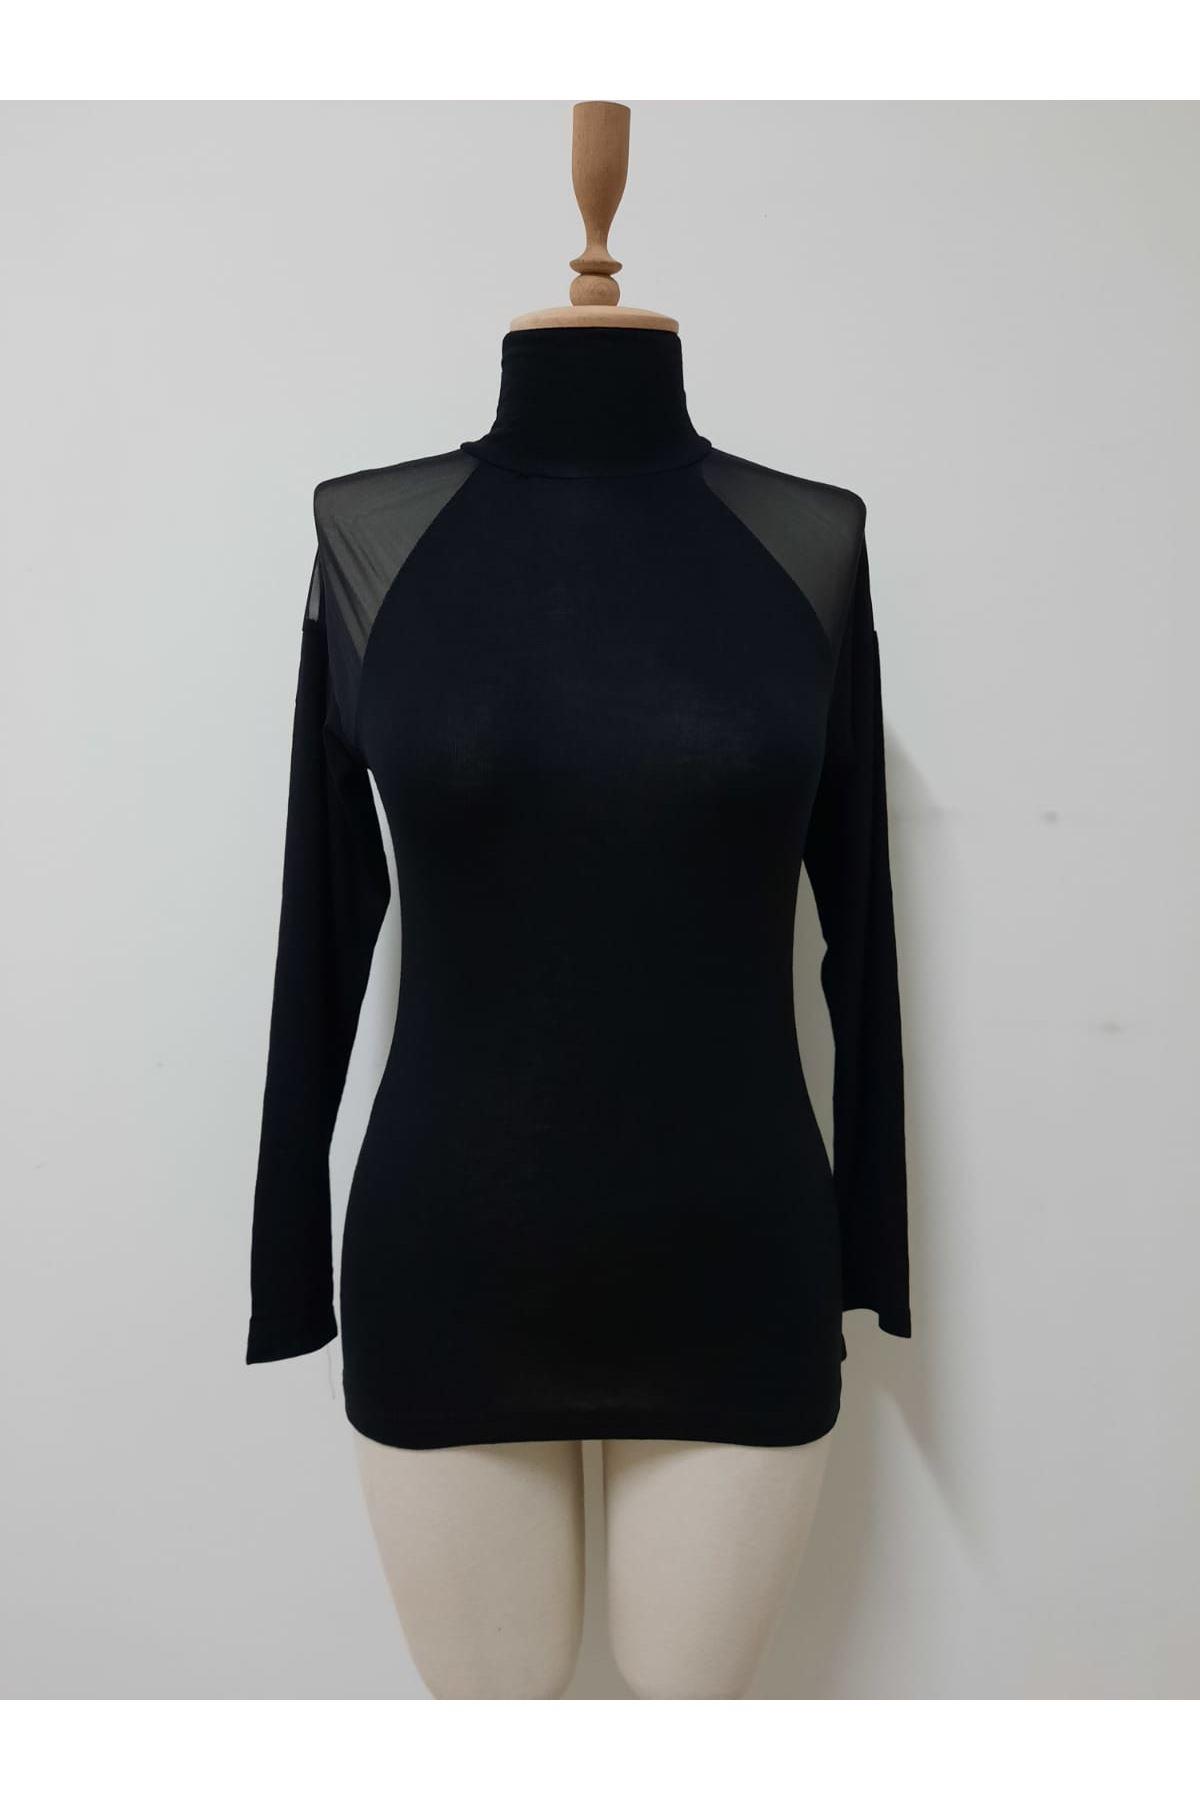 Omuzlar Tül Boğazlı Bluz - siyah